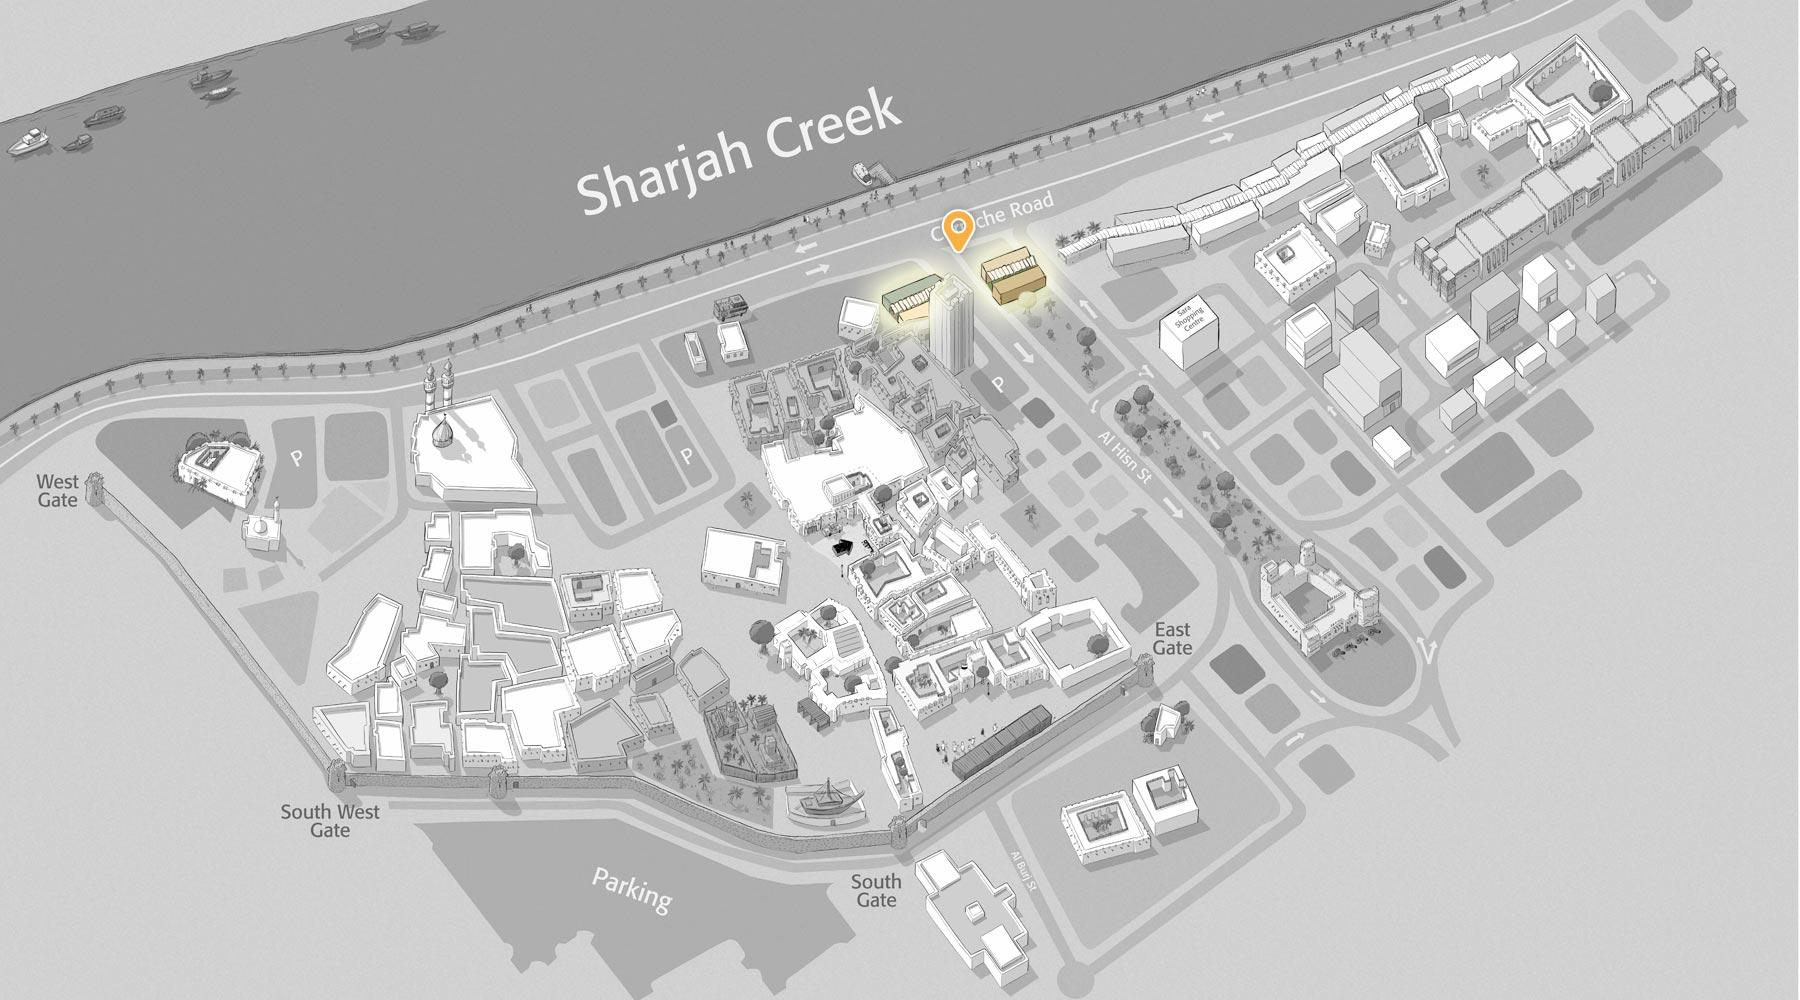 Heart of Sharjah - Souq Al Shanasiyah || قلب الشارقة - سوق